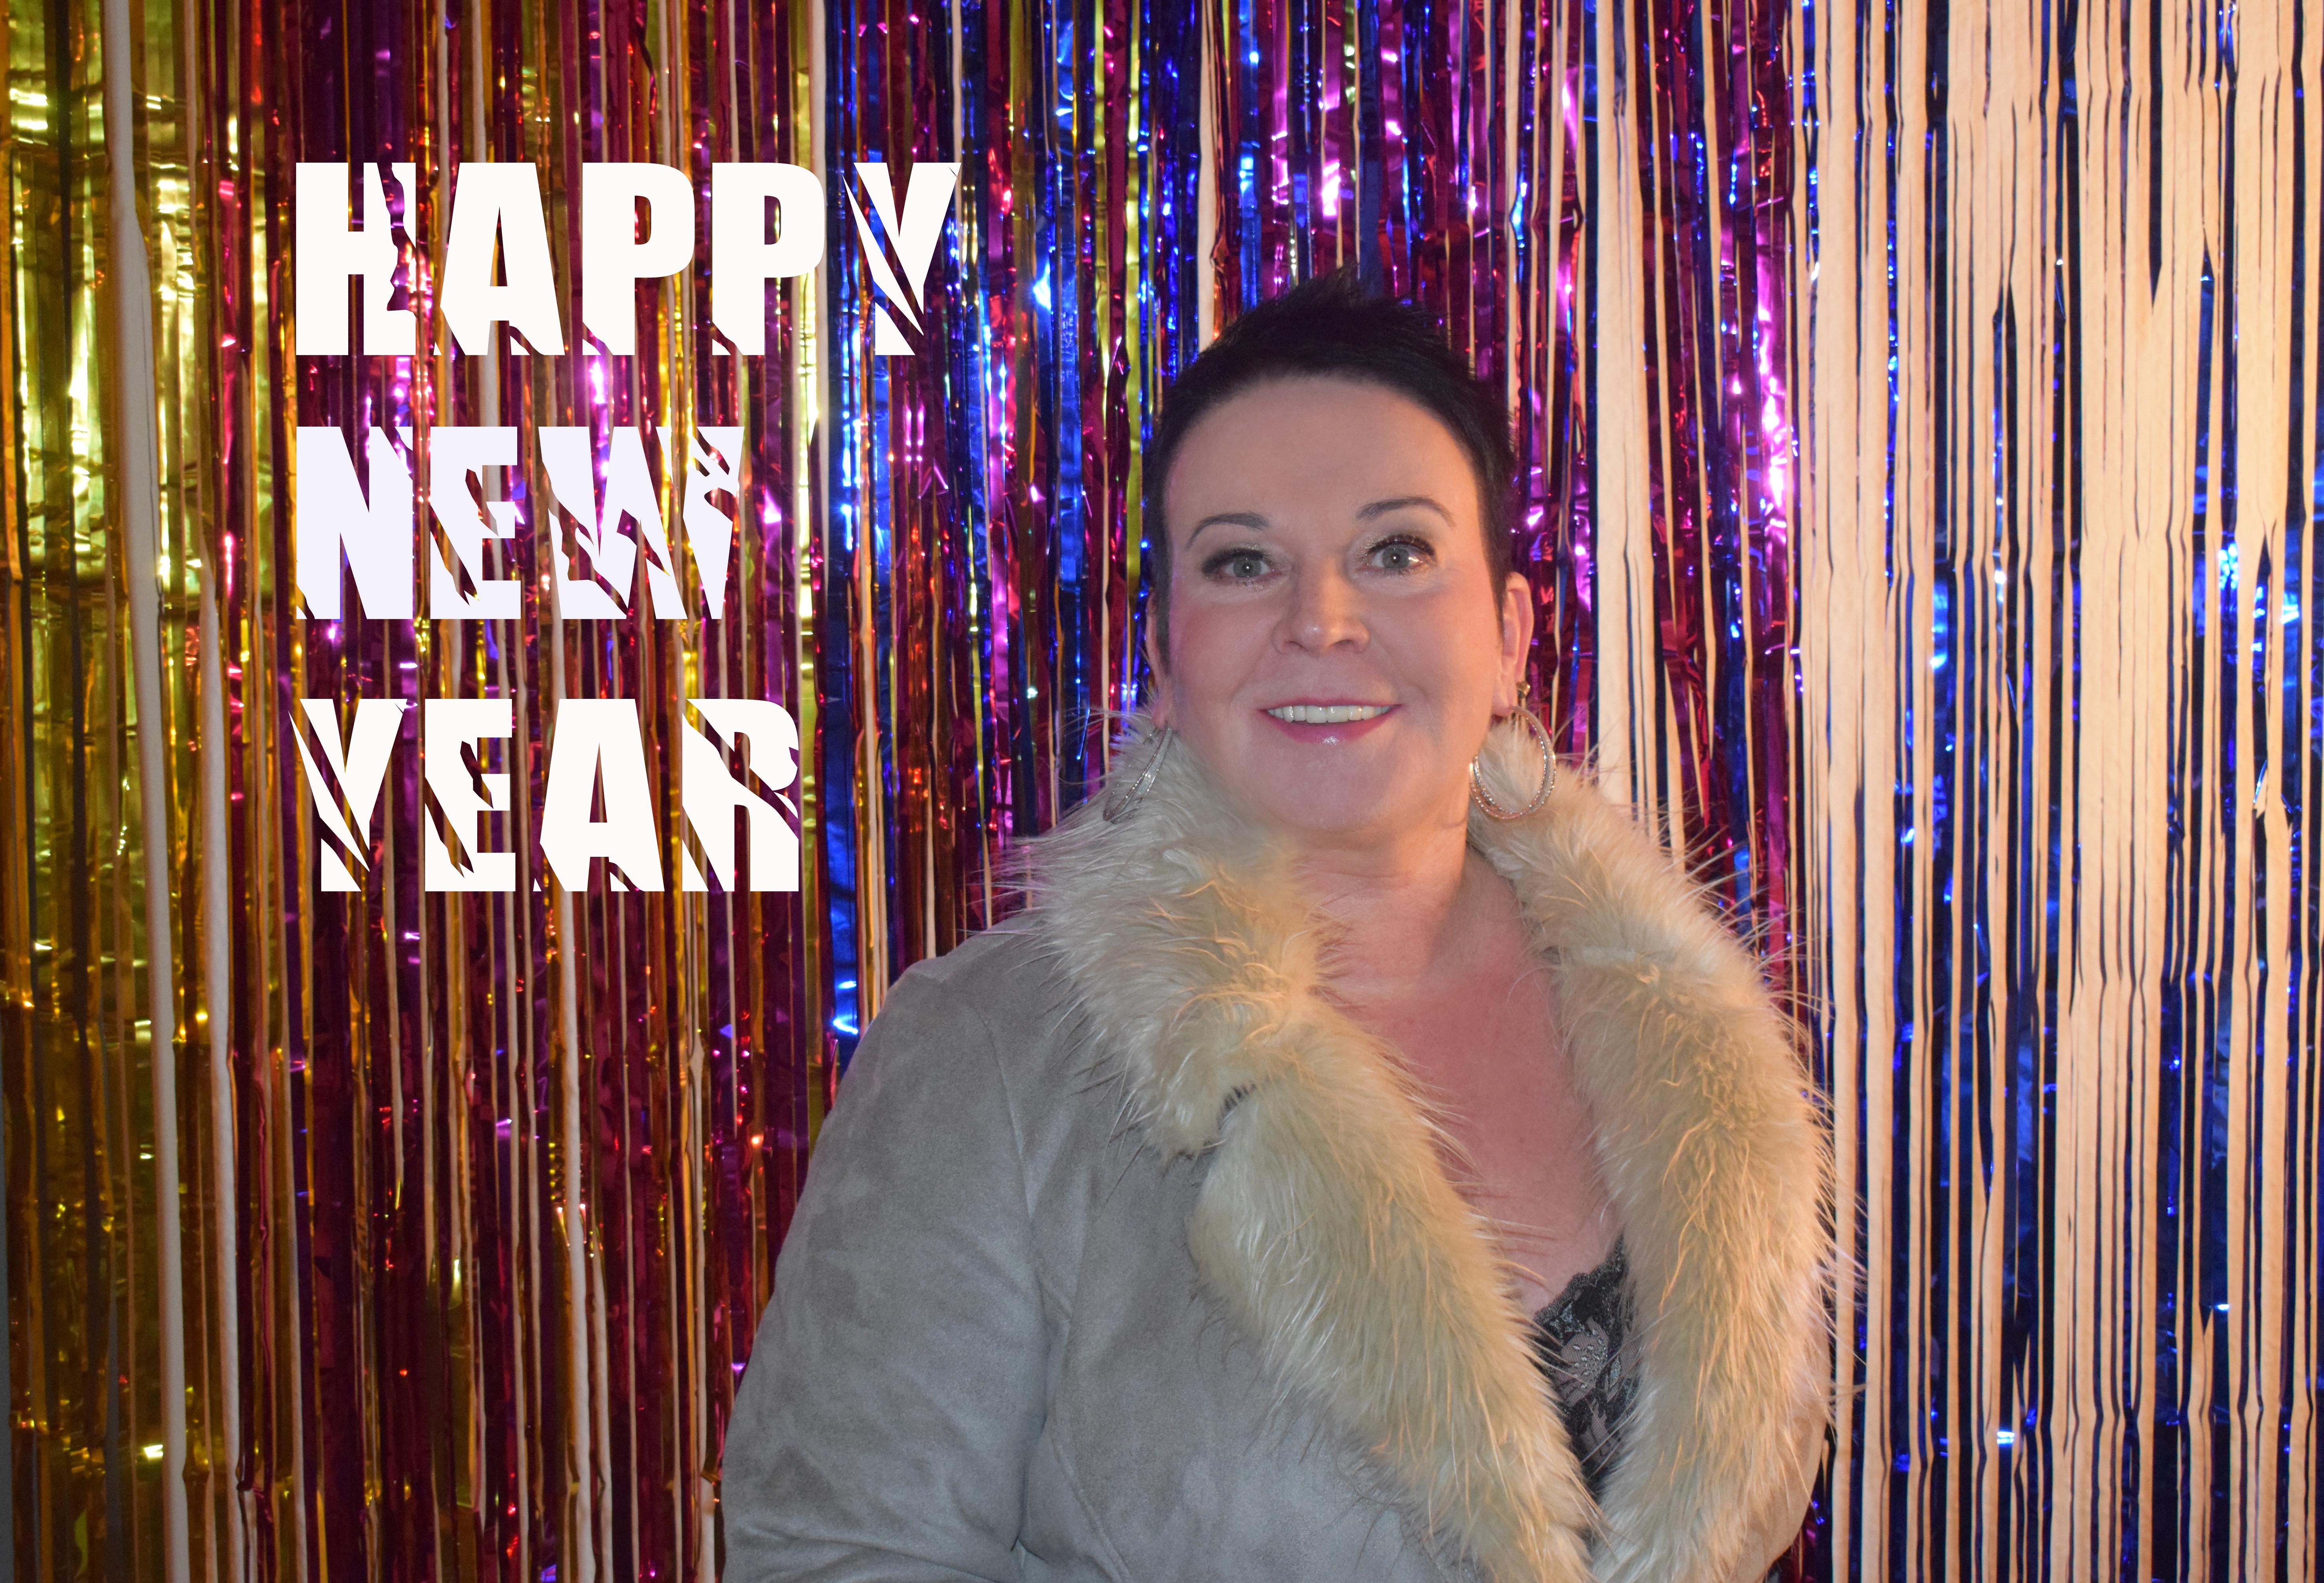 Happy New Year, Frohes neues Jahr, Silvester, Silvestergruß, Bergedorf Blog, HEIDI VOM LANDE, beste Wünsche, Silvesterkarte, Jahreswechsel 2018, 2019